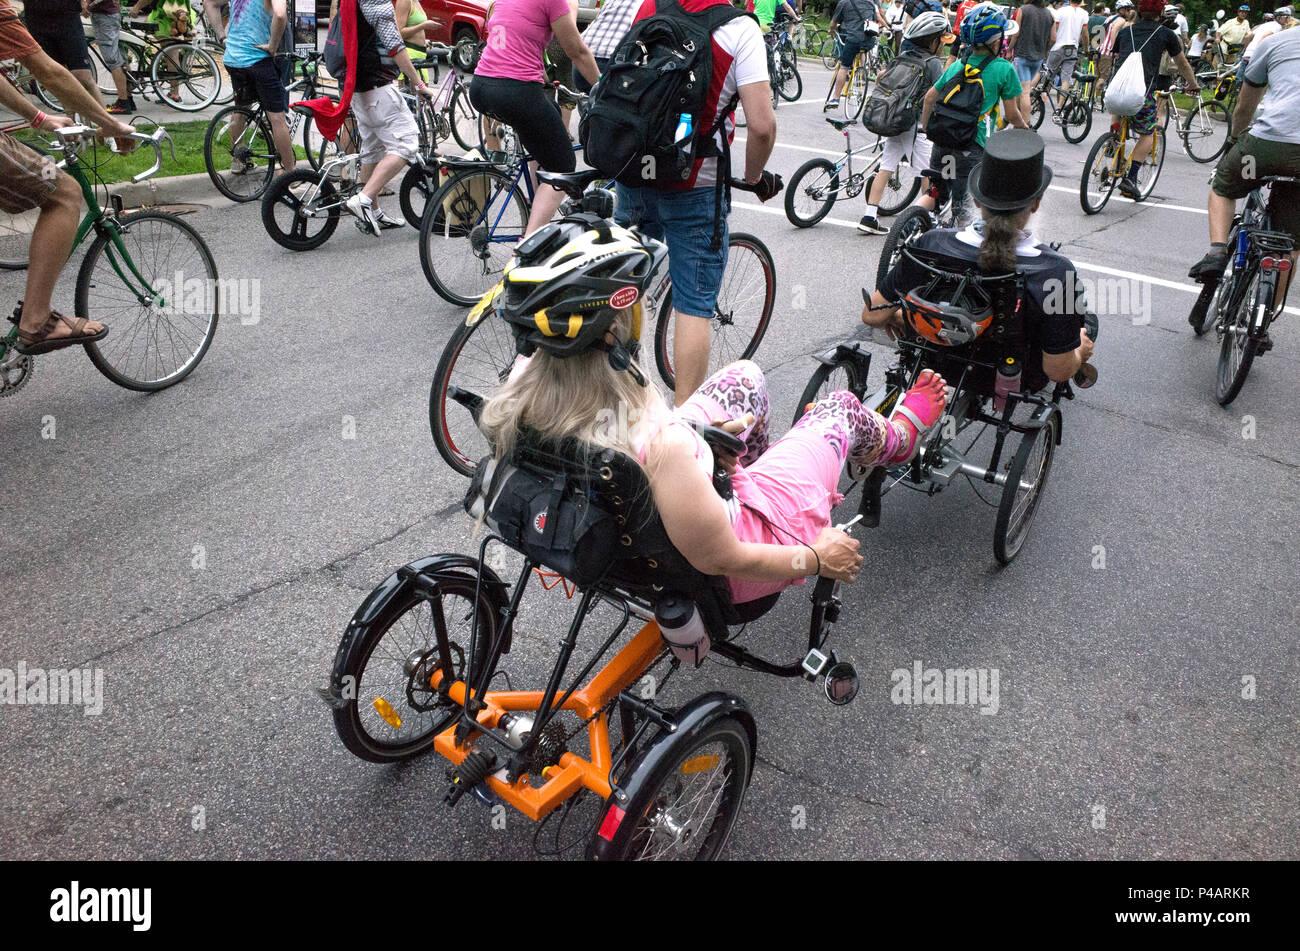 Tandem recumbent bicyclists in the Tour de Fat parade winding its way through downtown Minneapolis. Minneapolis Minnesota MN USA - Stock Image